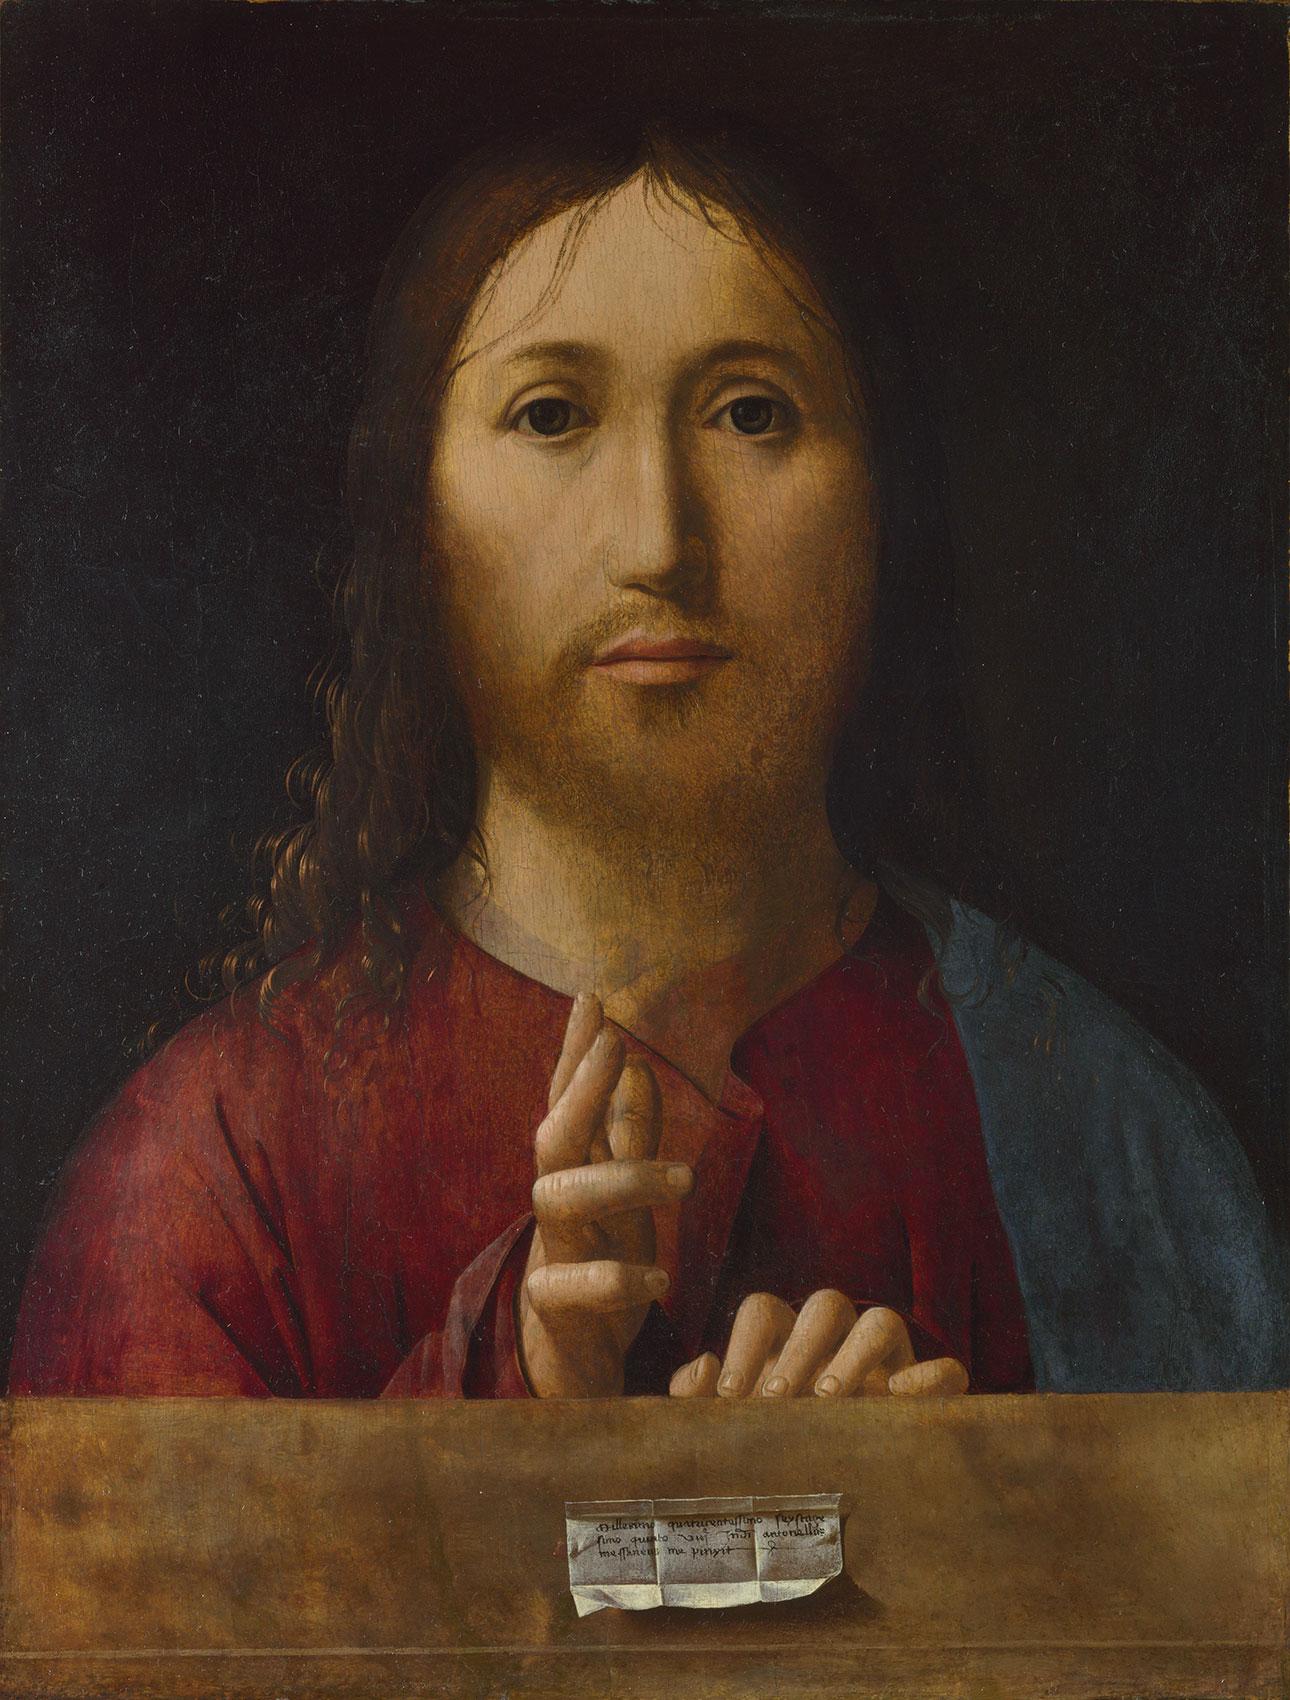 Salvator Mundi - Gesù dipinto da Antonello da Messina (Salvatore del mondo)